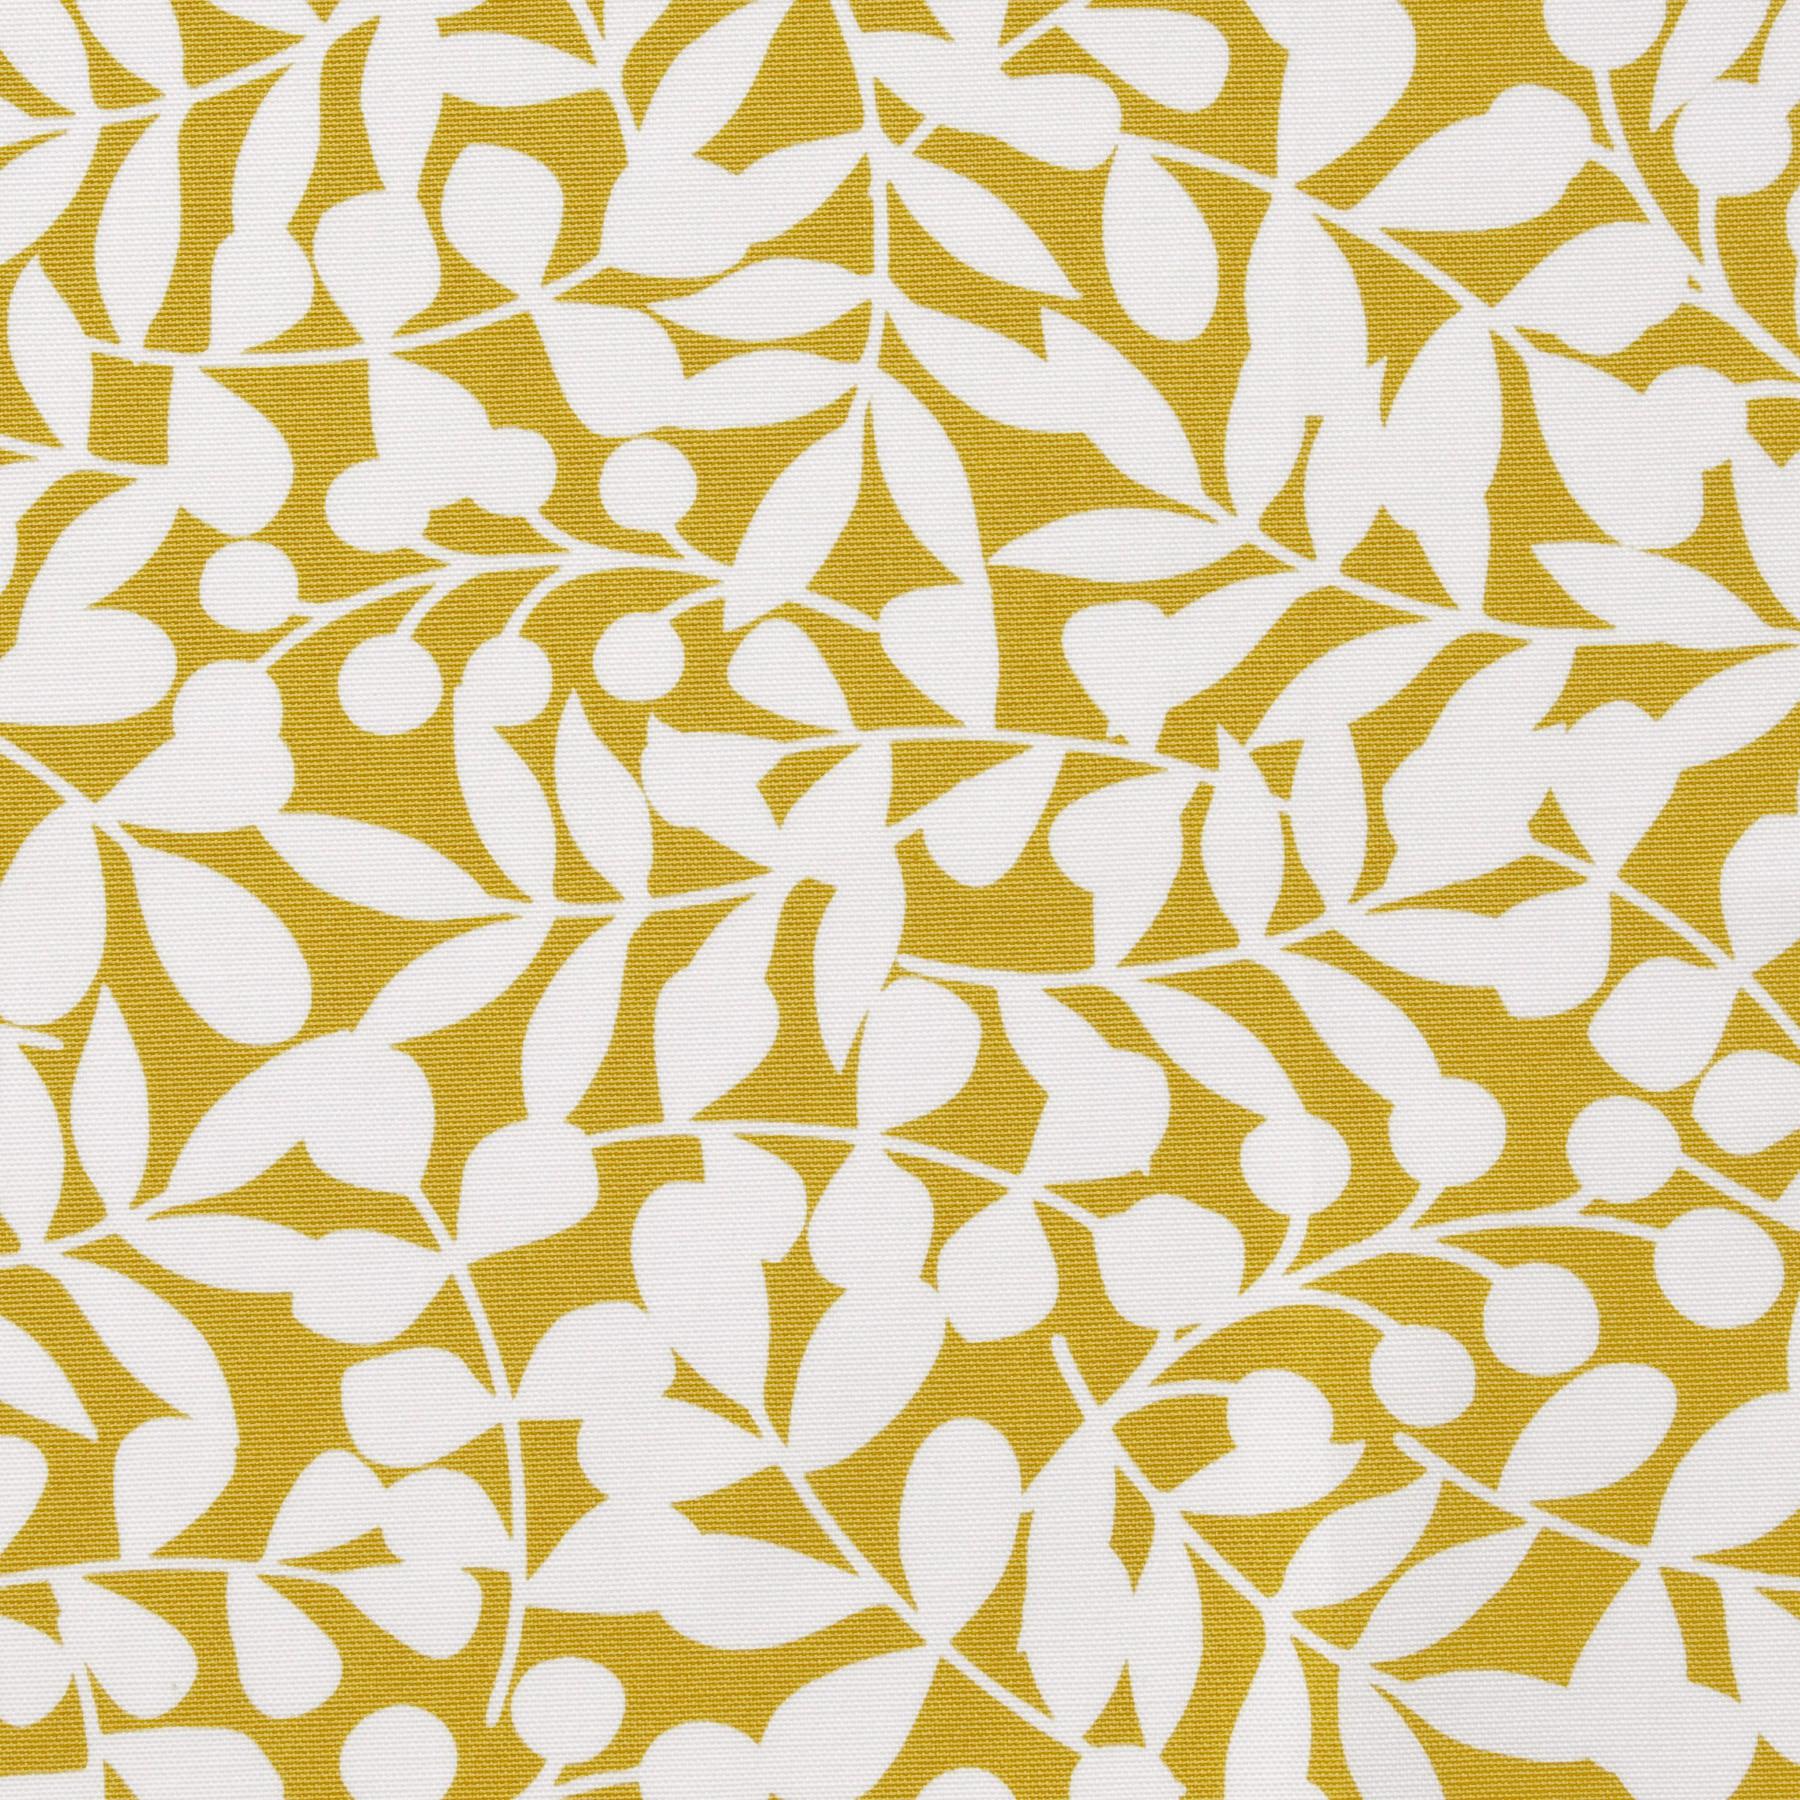 Bio Baumwolle Canvas weiße Zweige auf gelb